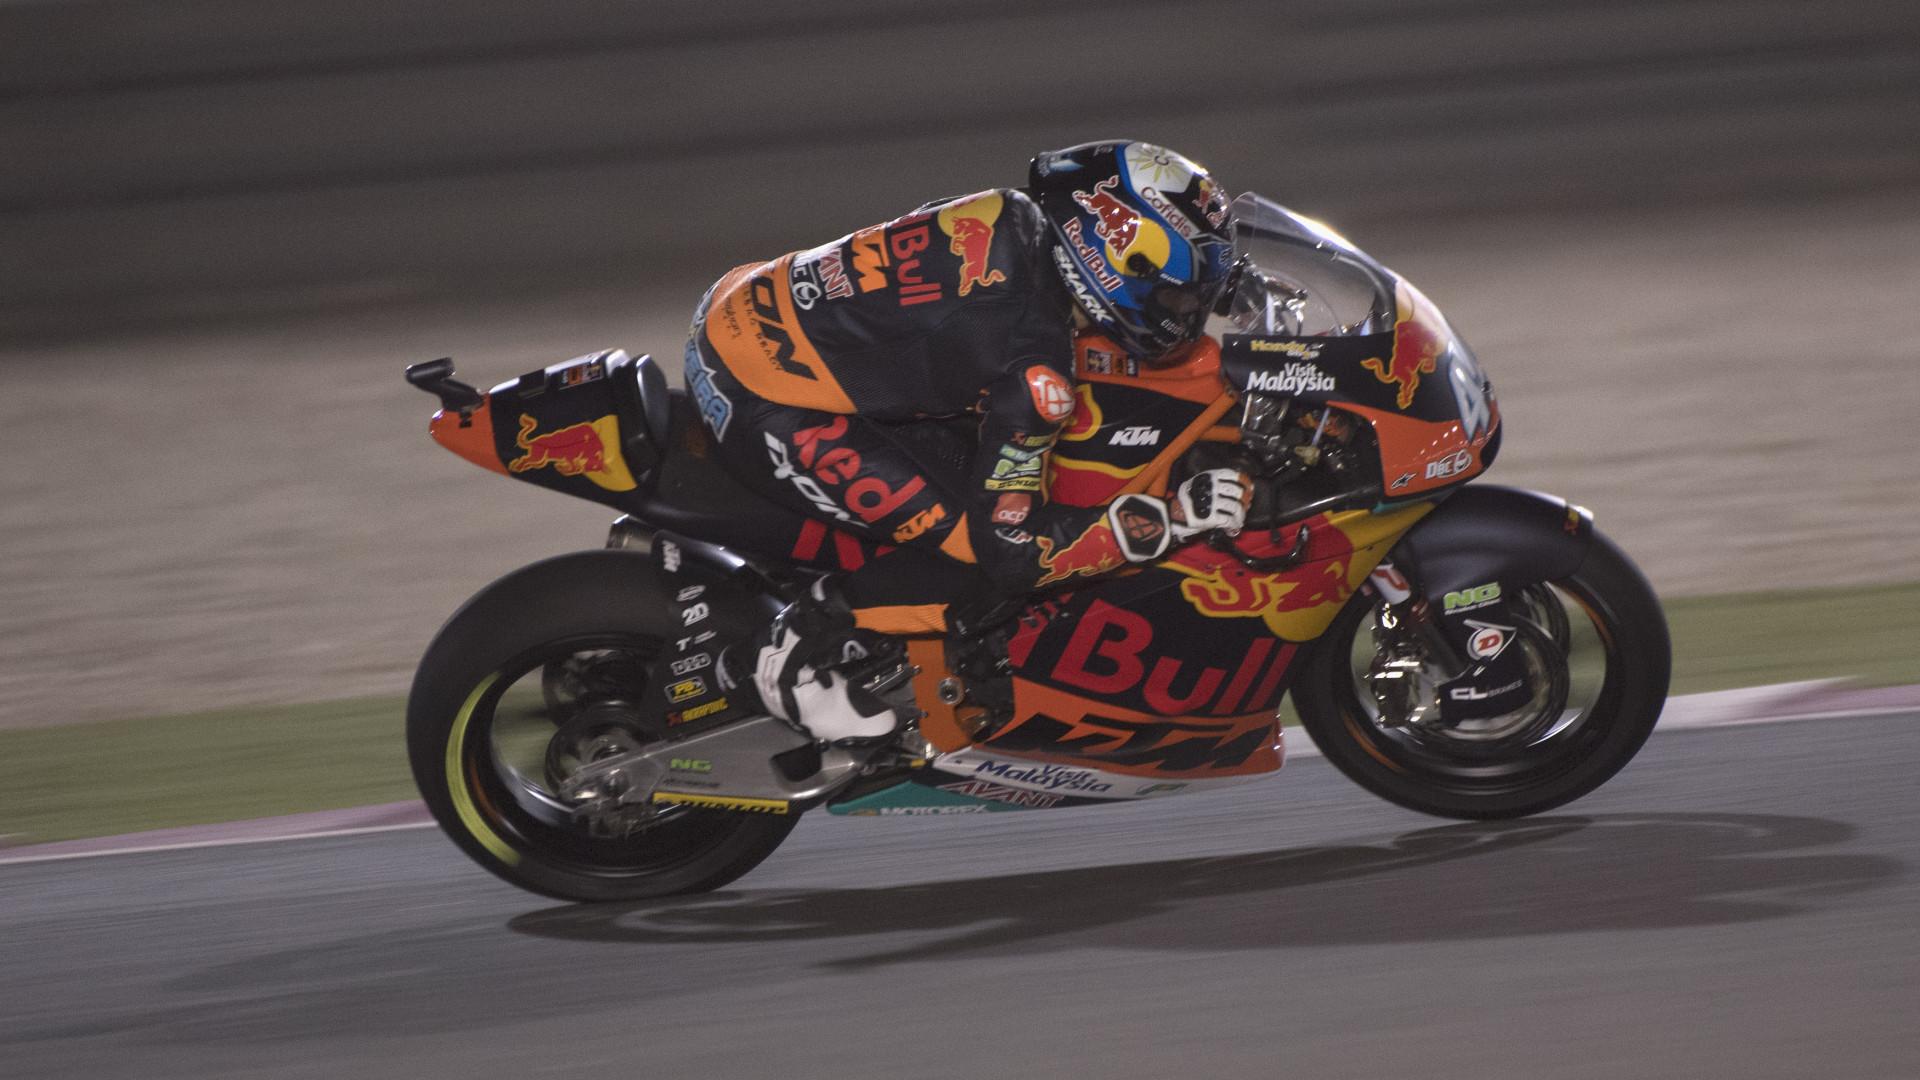 Moto2: Miguel Oliveira acaba em 5º lugar na primeira prova do Mundial